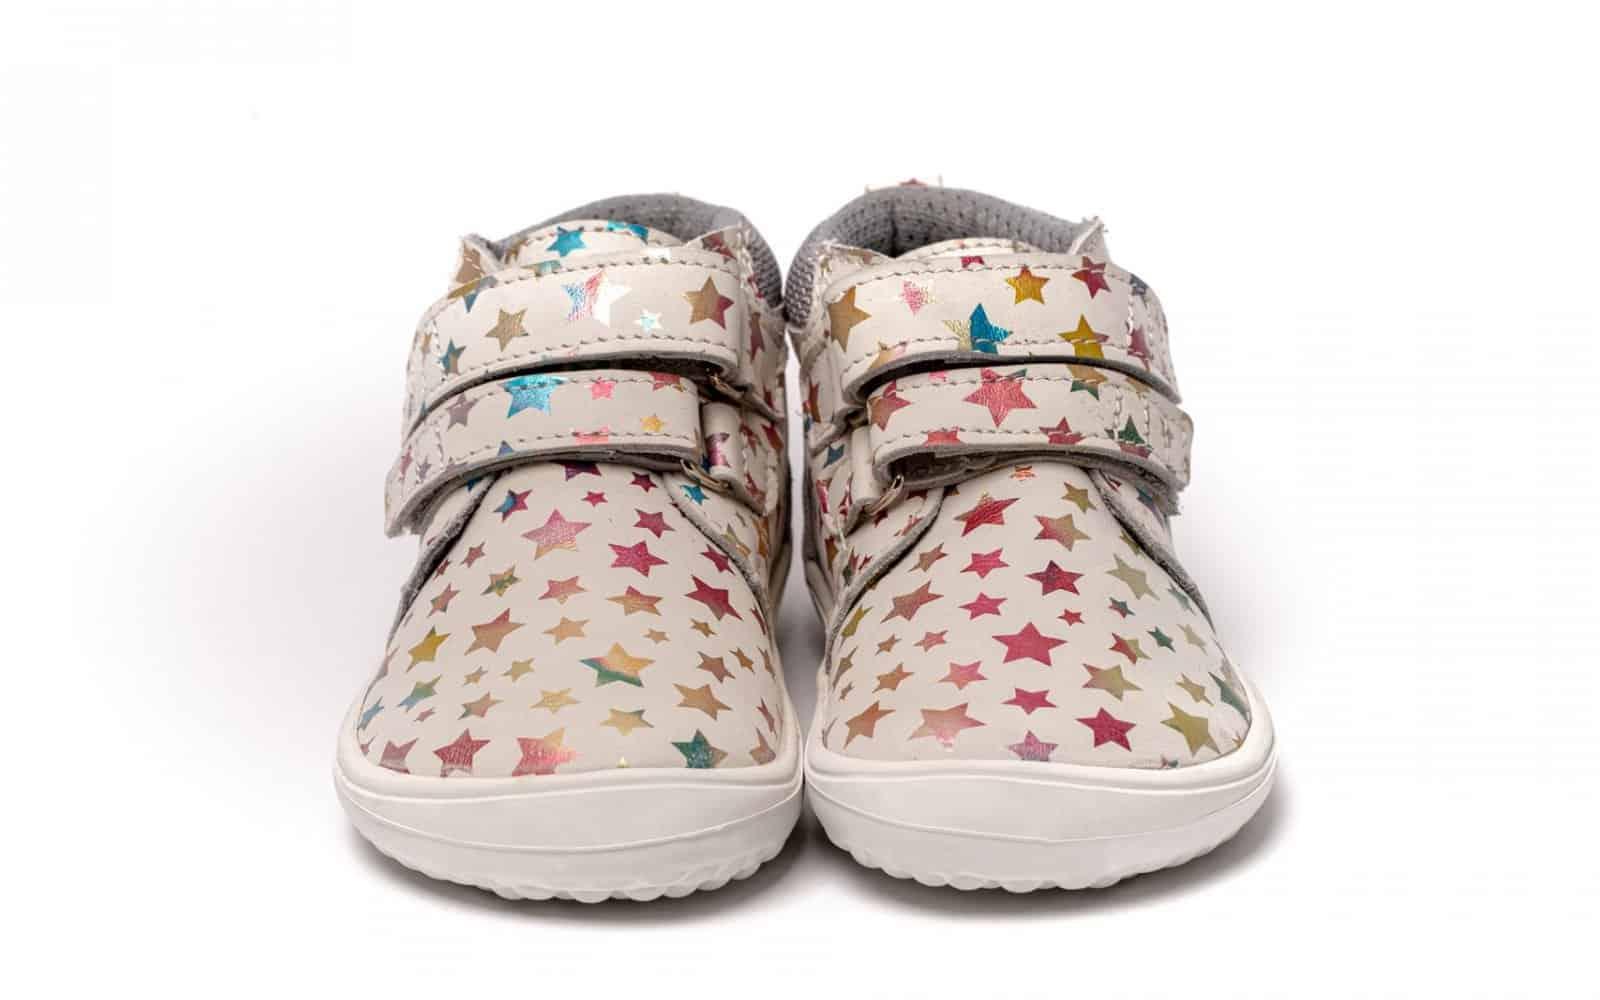 Be Lenka Kids Barefoot Shoes Play in Twinkle